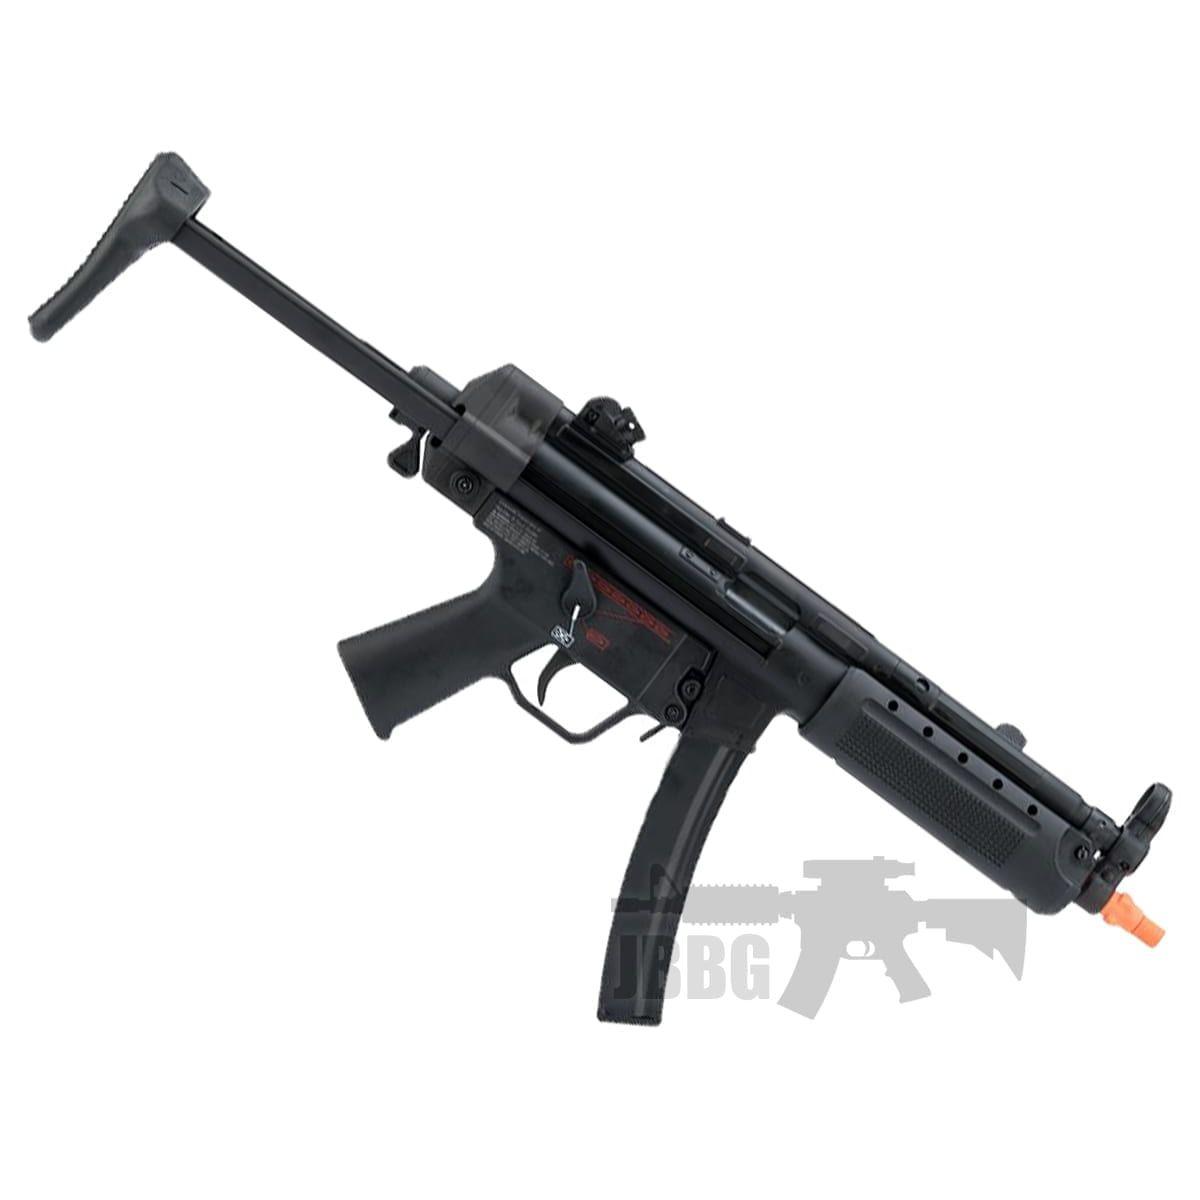 Elite Gun Case For Rifles Airsoft Shooting Gun Bag 115cm Rifle Case Airguns